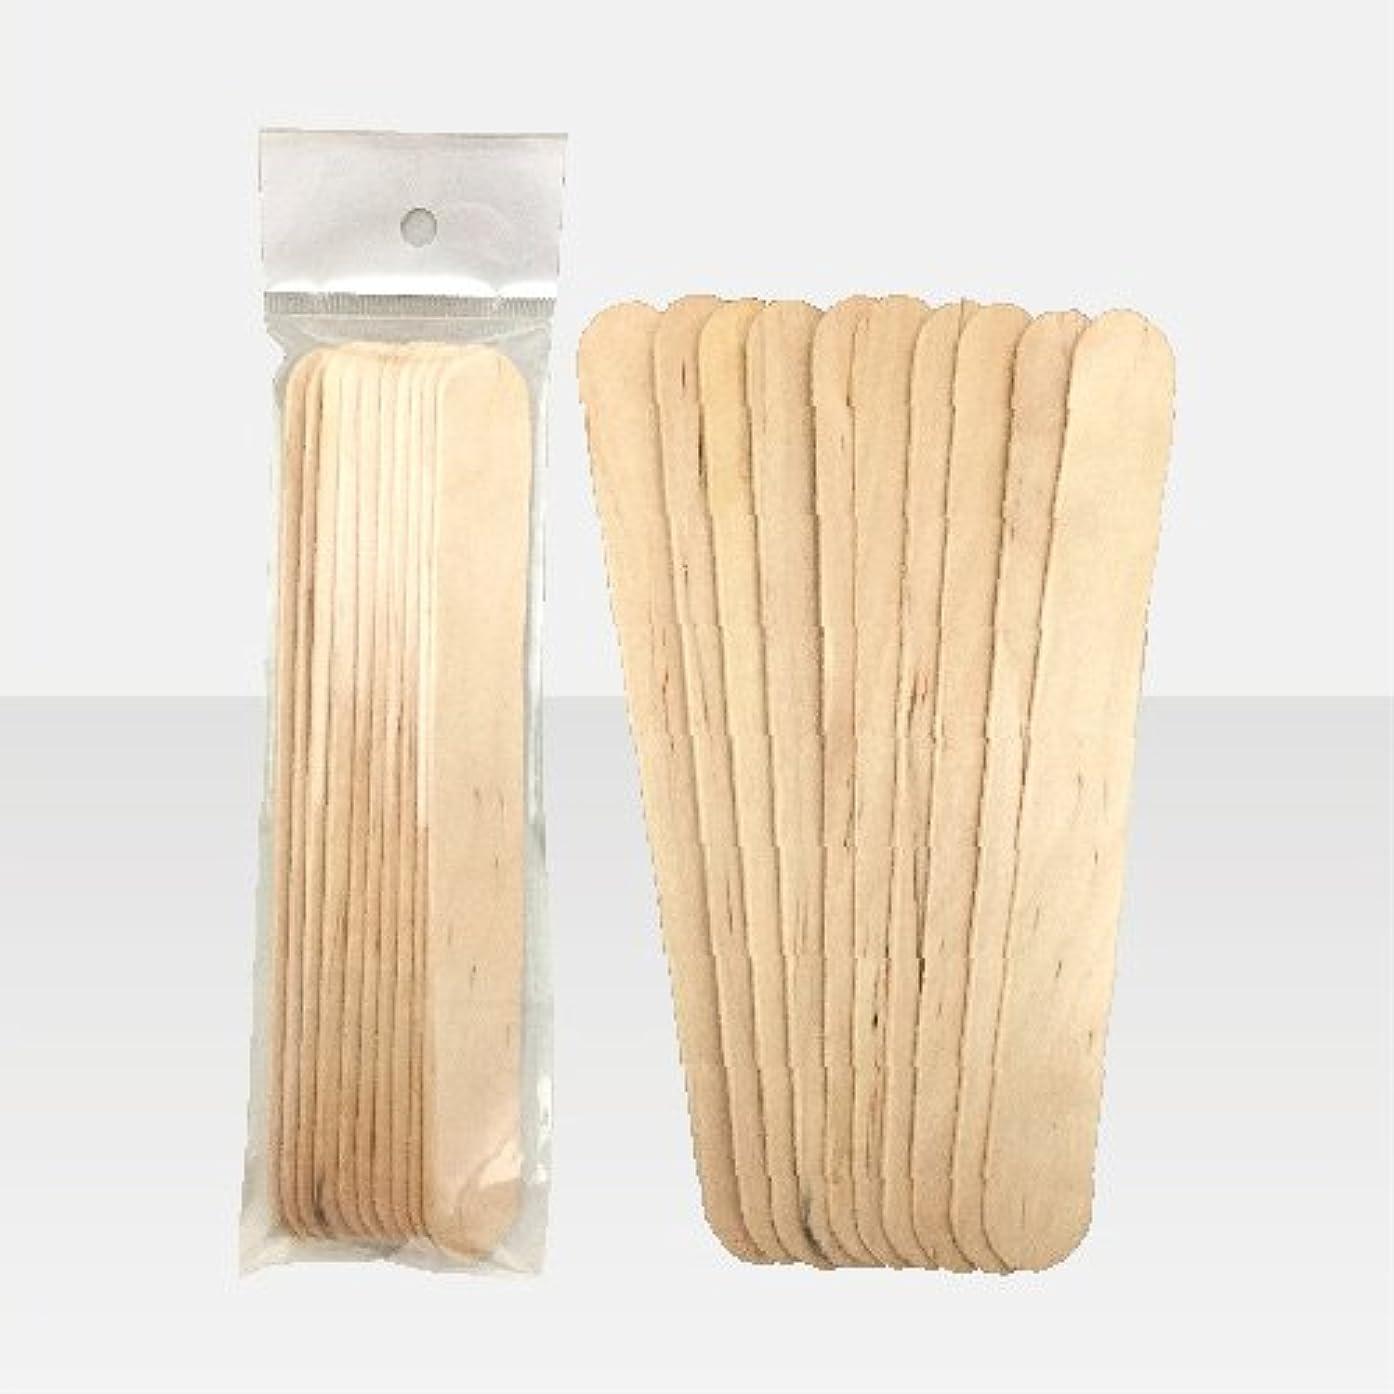 なのでボトル生命体ブラジリアンワックス 脱毛ワックス用  ワックススパチュラ 木ベラ /10本セット Mサイズ